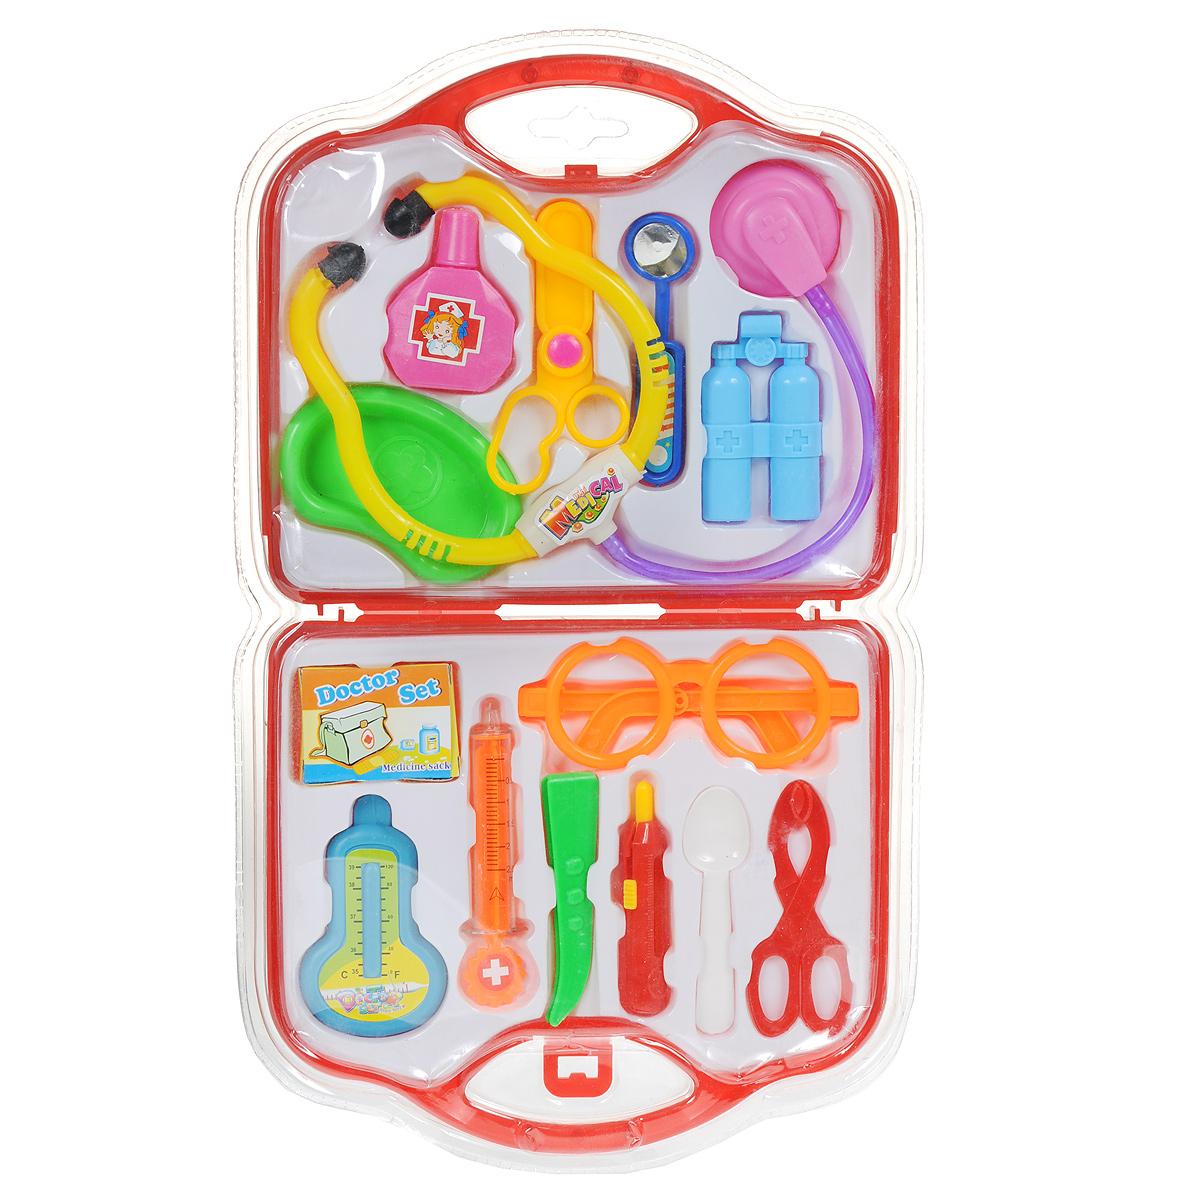 Игровой набор Чемоданчик Доктора, 15 предметов, цвет: красный, желтый ролевые игры classic world игровой набор доктора